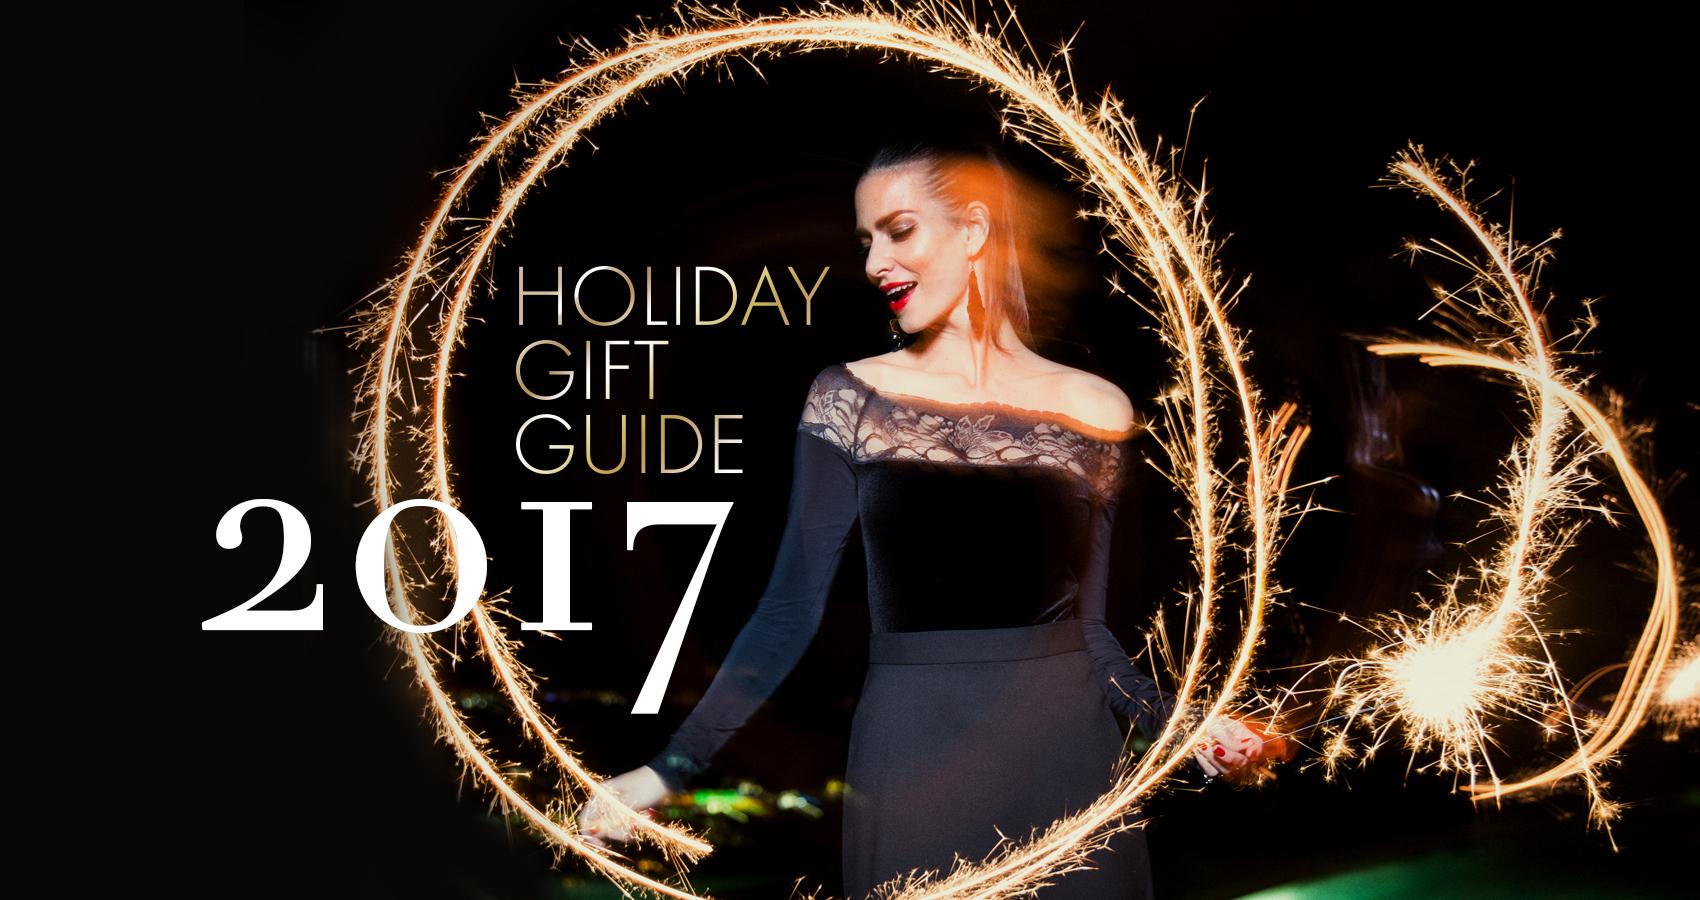 967cf06e31709 Cadeaux collant femme guide cadeau noel | Wolford